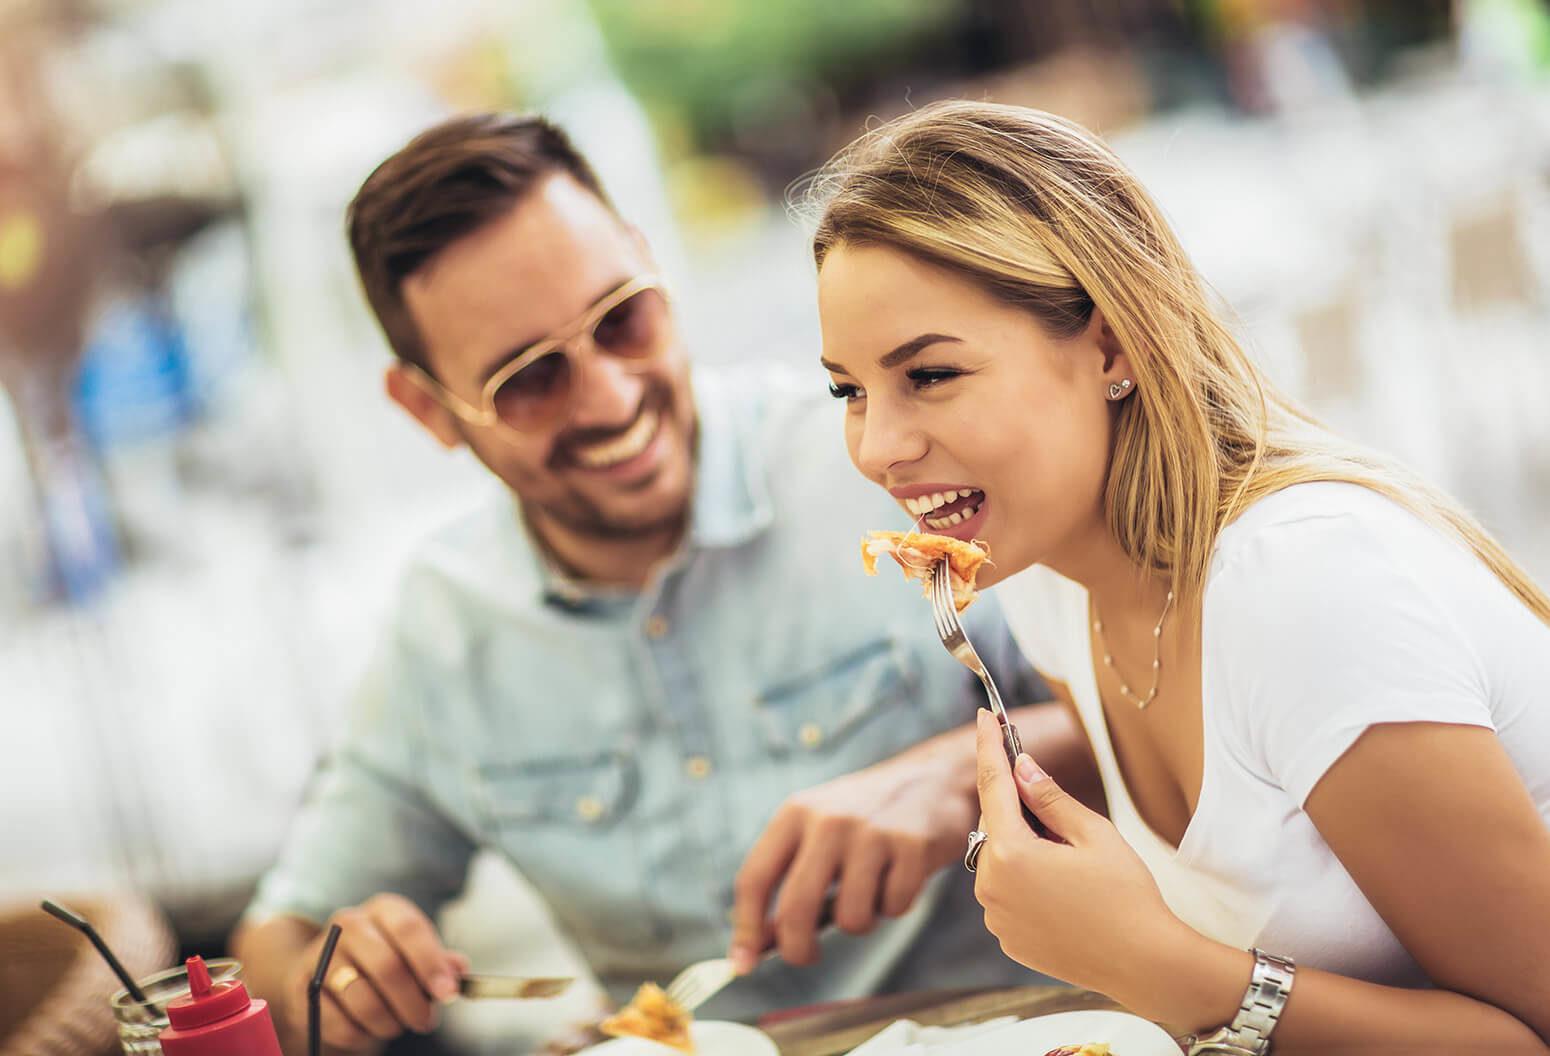 area restaurants and activities